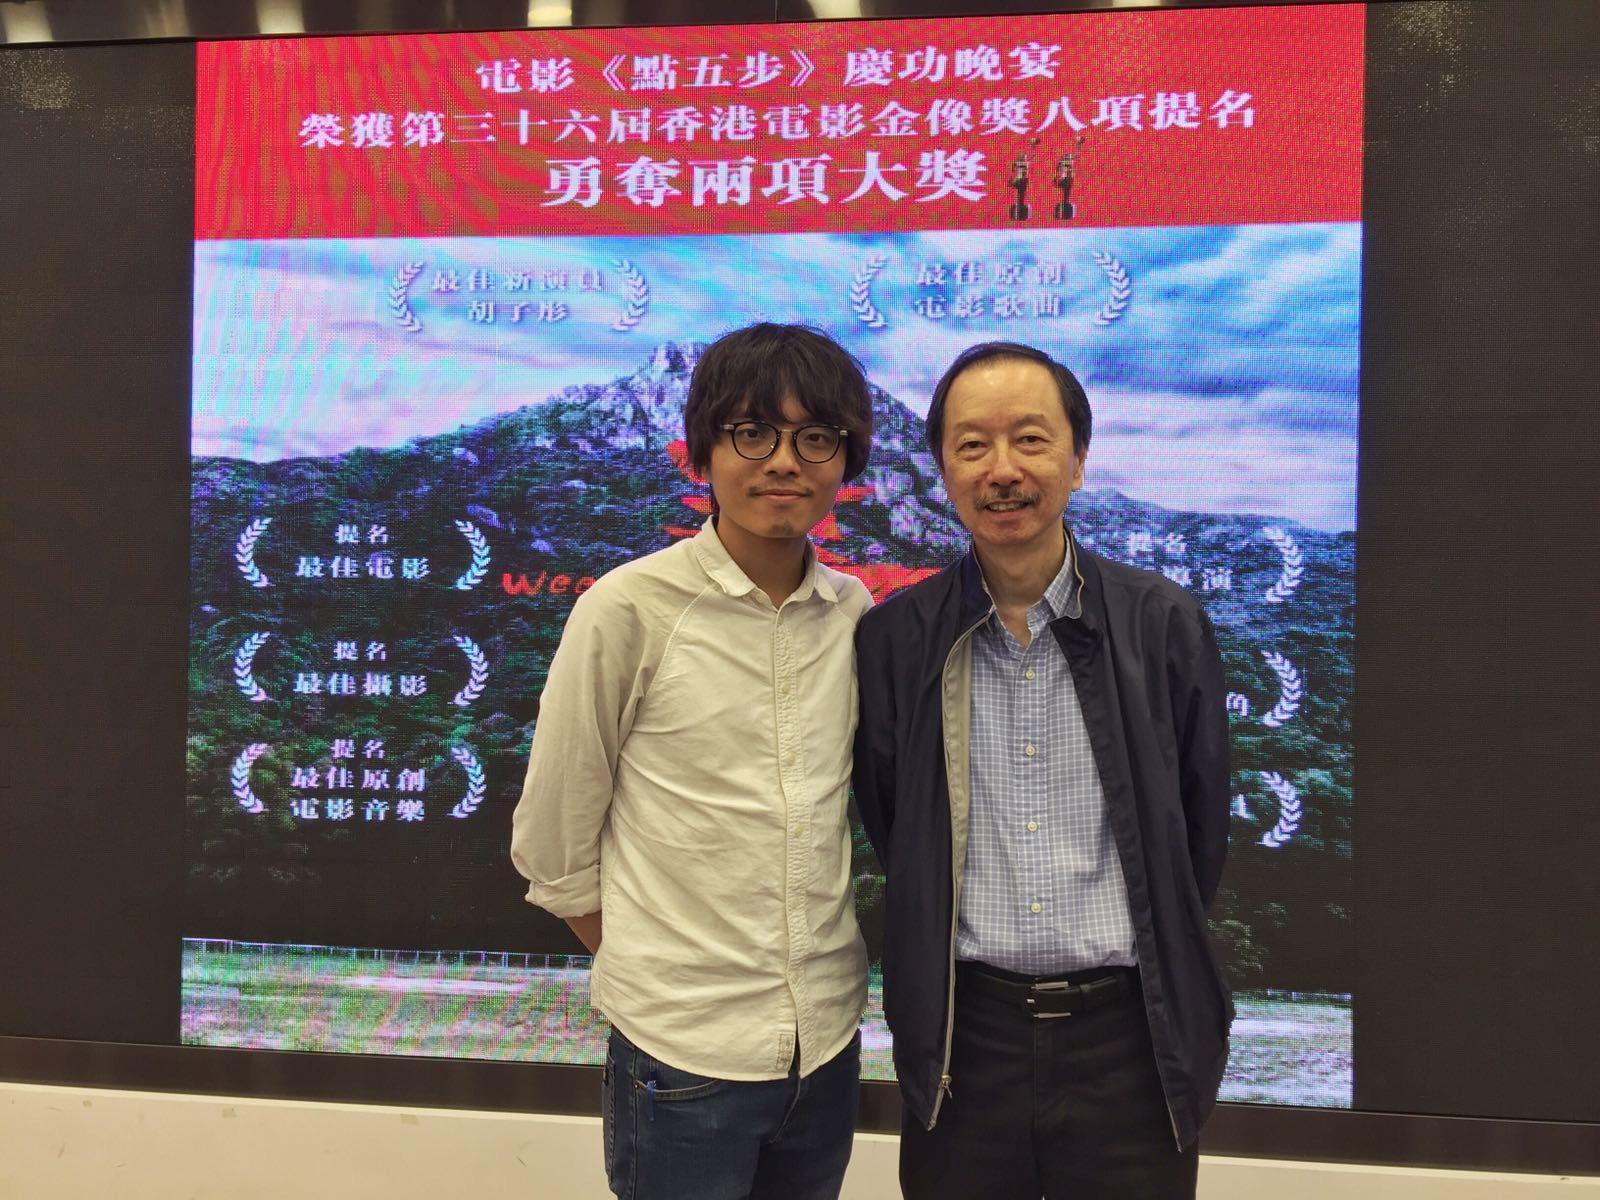 資深電影人陳學人(右)及電影「點五步」導演陳志發(左)